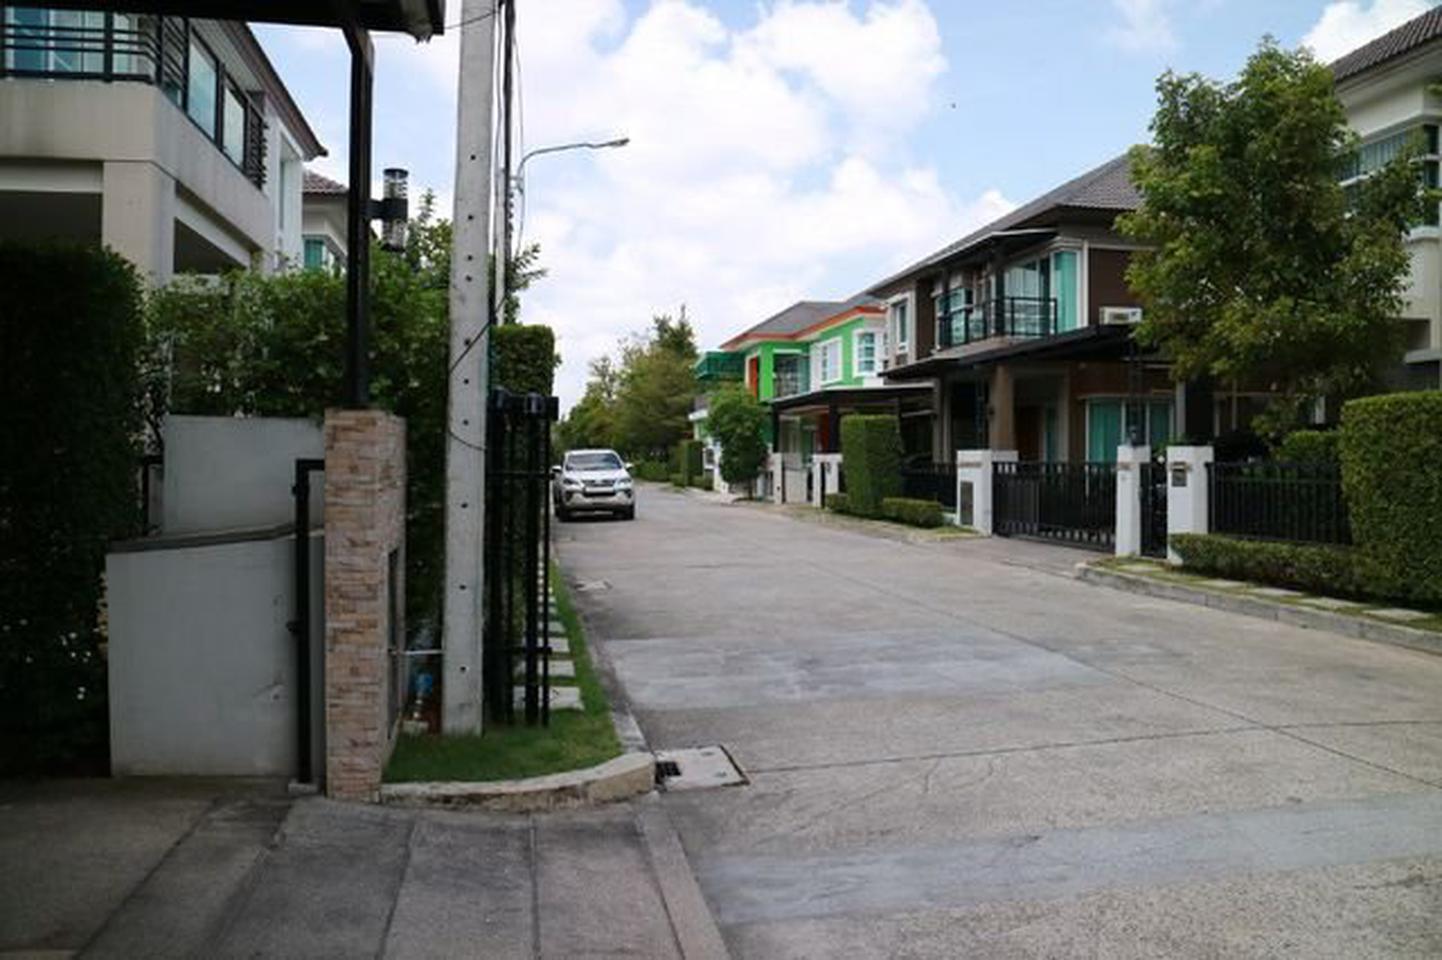 ขายบ้านเดียว บางกอกบูเลอวาร์ดเทพารักษ์-วงแหวน  รูปที่ 4